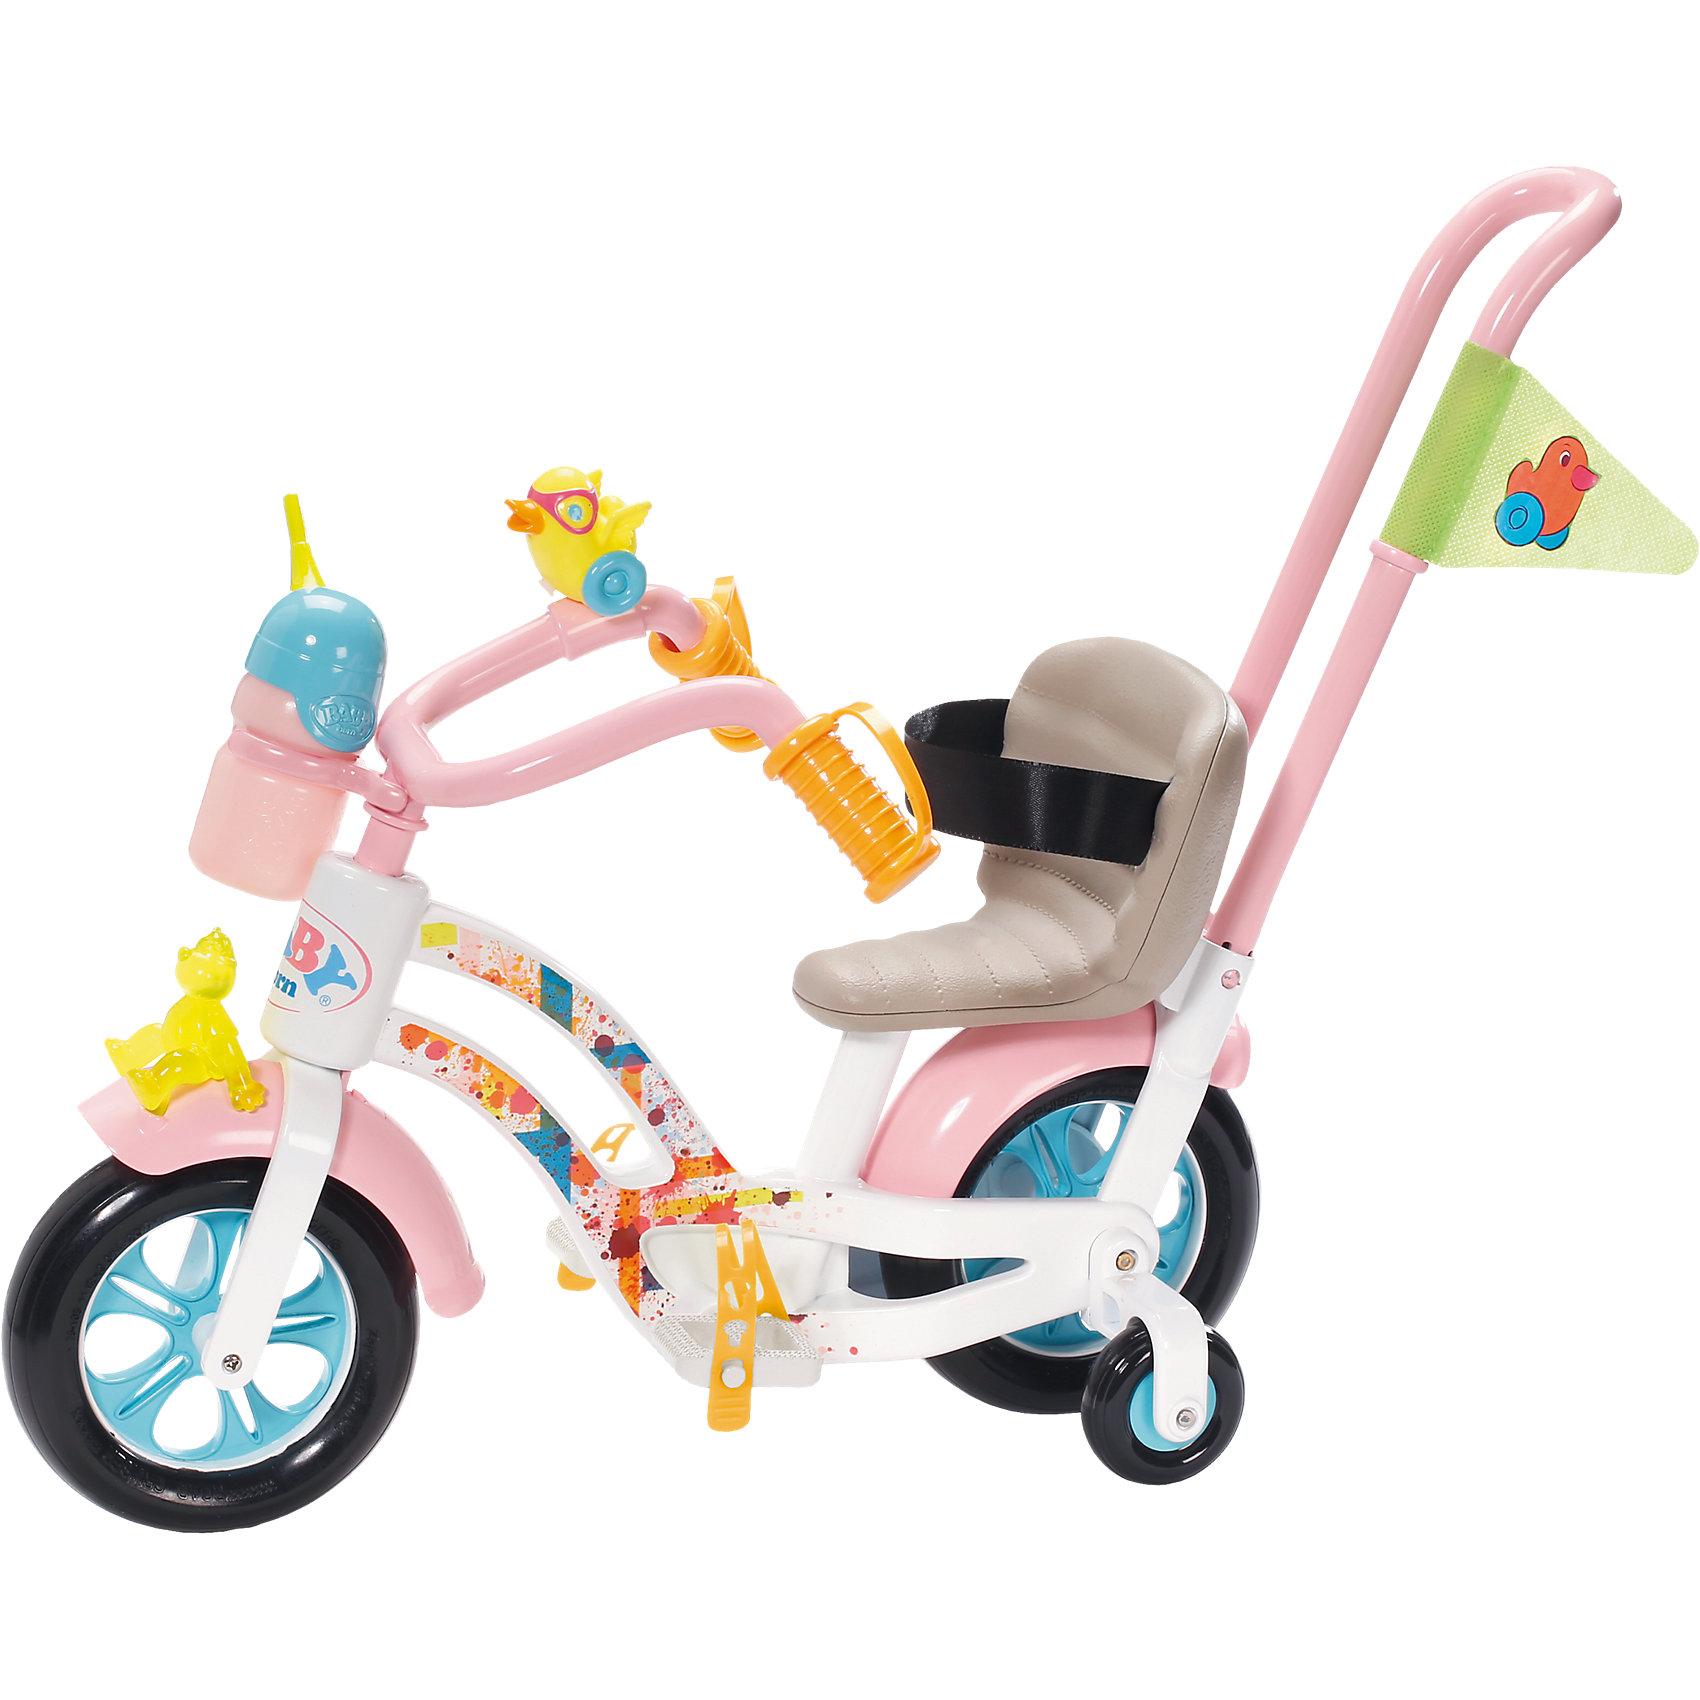 Велосипед, BABY bornБренды кукол<br>Прекрасный велосипед для весенне-летней прогулки твоей малышки BABY born! У велосипеда есть гудок в виде уточки, мигающая лампочка в виде медвежонка, поддерживающие задние колеса и бутылочка, из которой можно поить Интерактивную куклу BABY born и Сестричку.<br><br>Ширина мм: 410<br>Глубина мм: 350<br>Высота мм: 210<br>Вес г: 1160<br>Возраст от месяцев: 36<br>Возраст до месяцев: 60<br>Пол: Женский<br>Возраст: Детский<br>SKU: 5031513